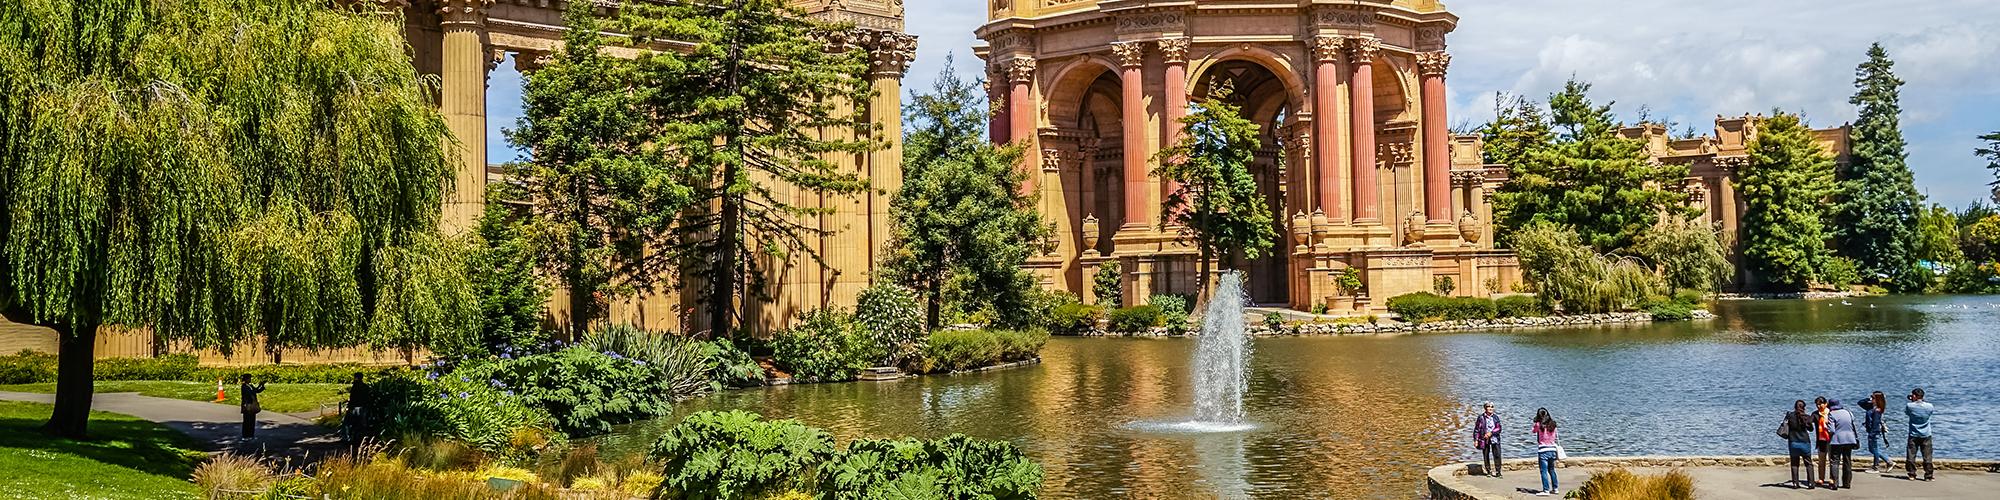 San Francisco Bay Area Activity & Attractions Deals | Travelzoo